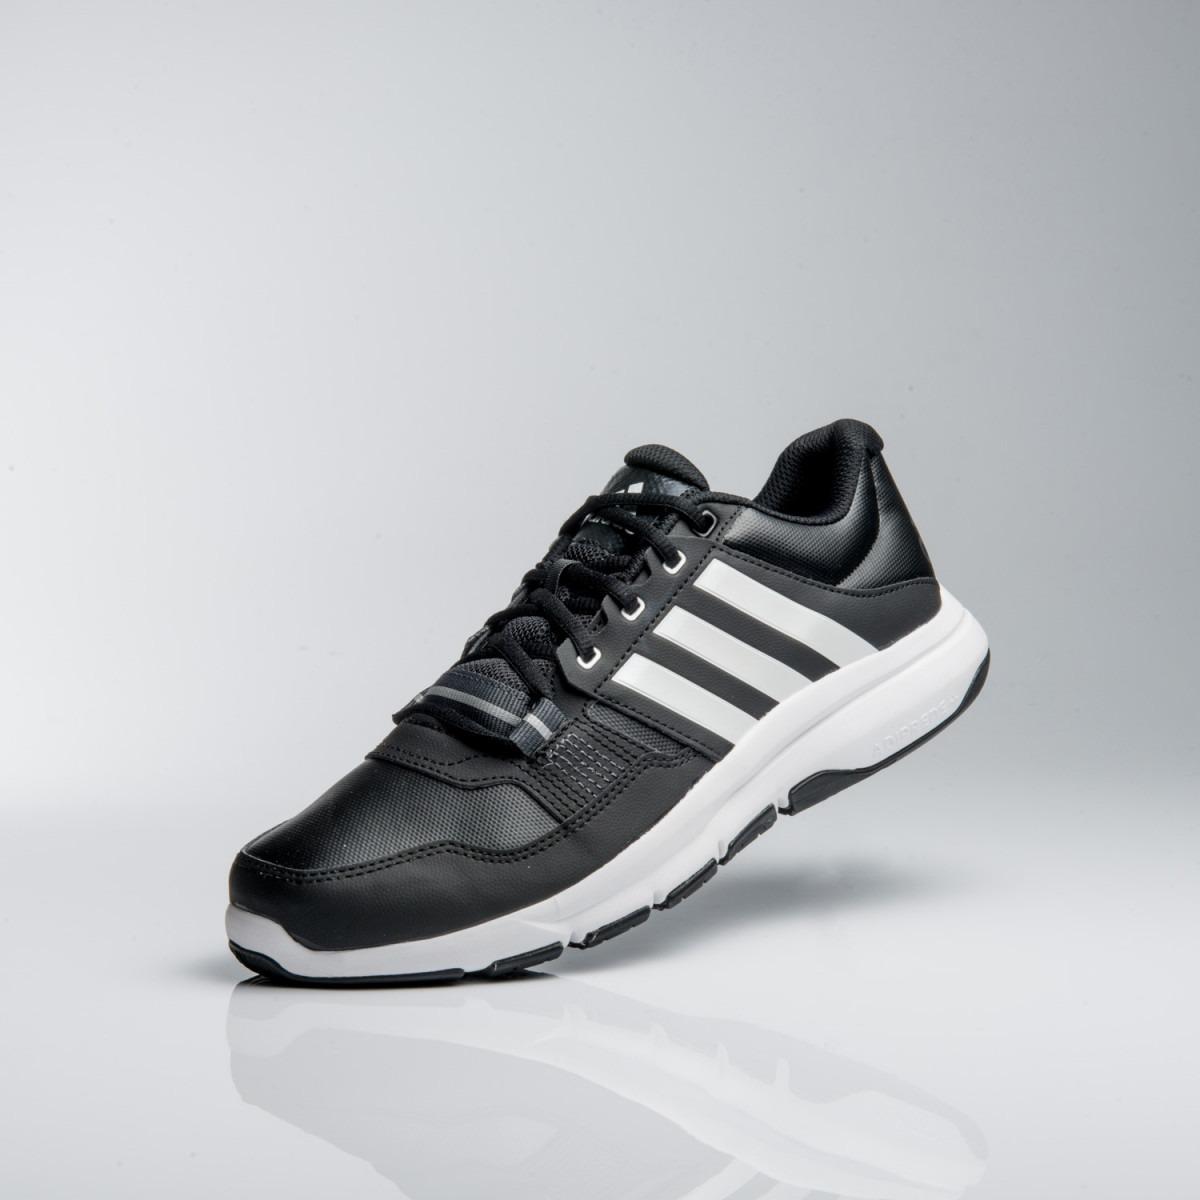 Gym Adidas 600 Zapatillas 22 Warrior 00 ulK1J3TcF5